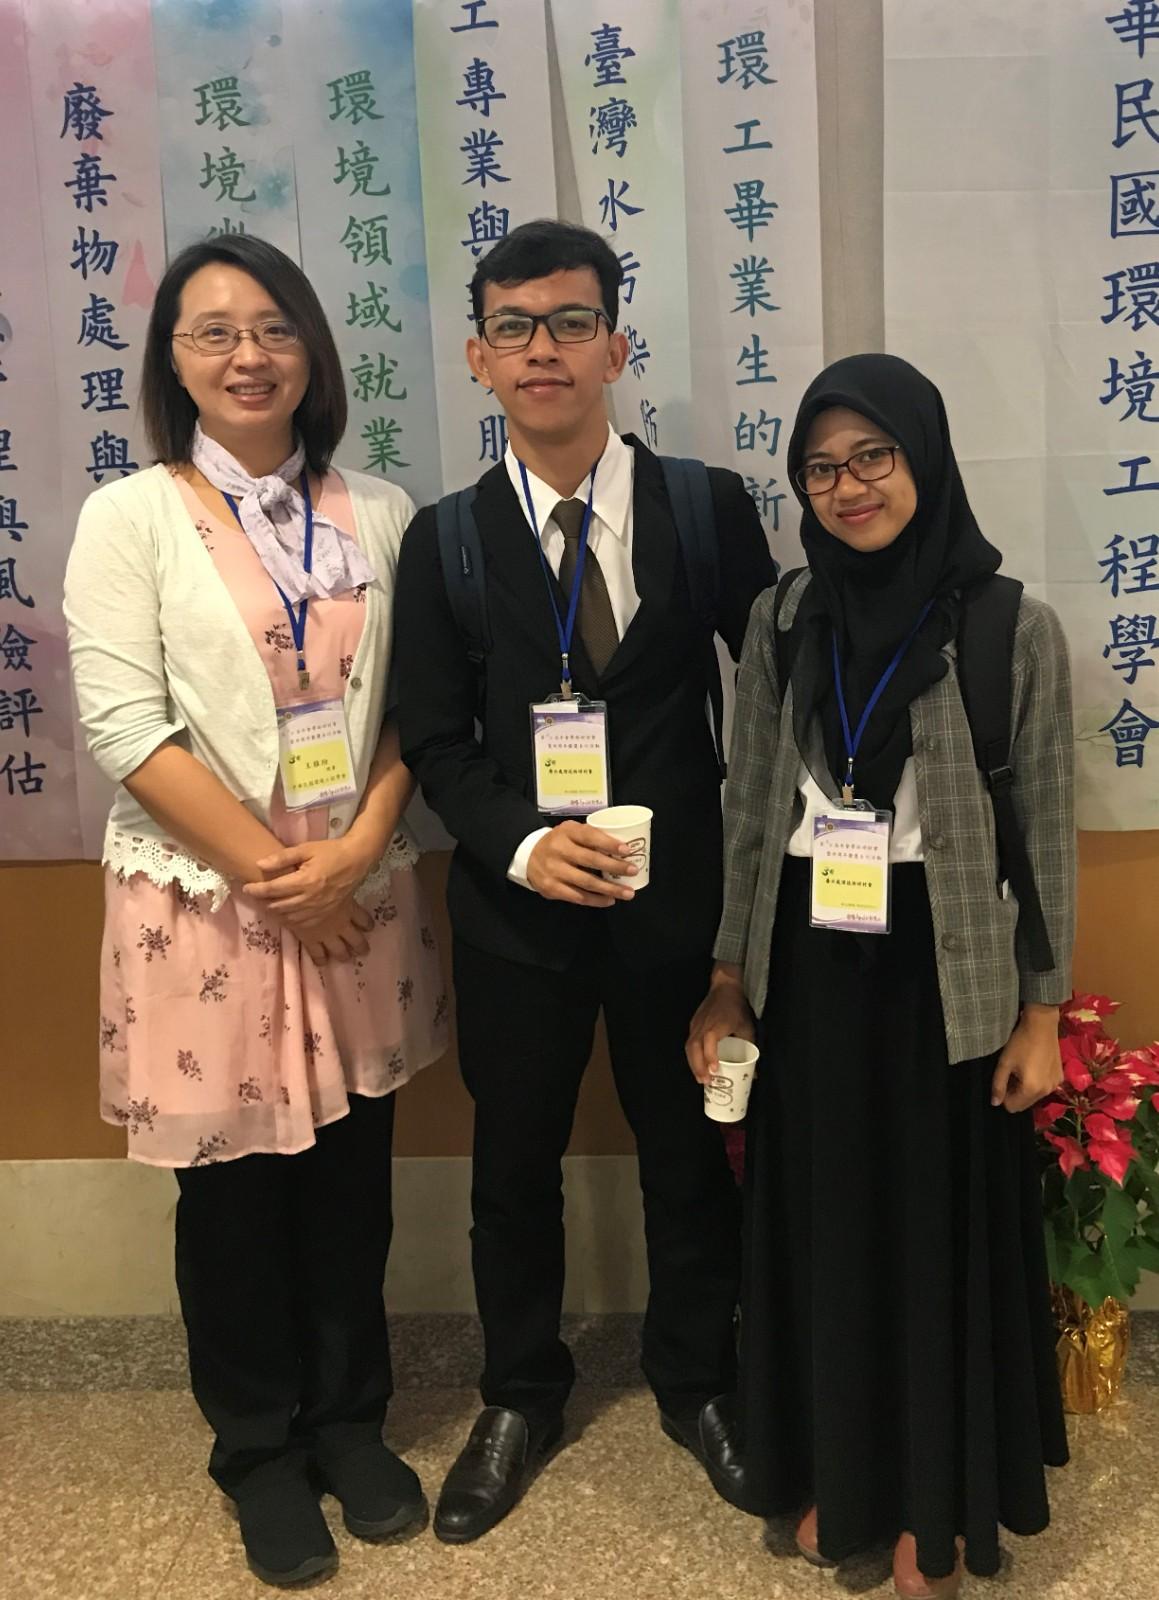 中原環工王雅玢老師帶印尼外籍生參與「環工年會」,使他們更了解台灣的環境政策。.jpg